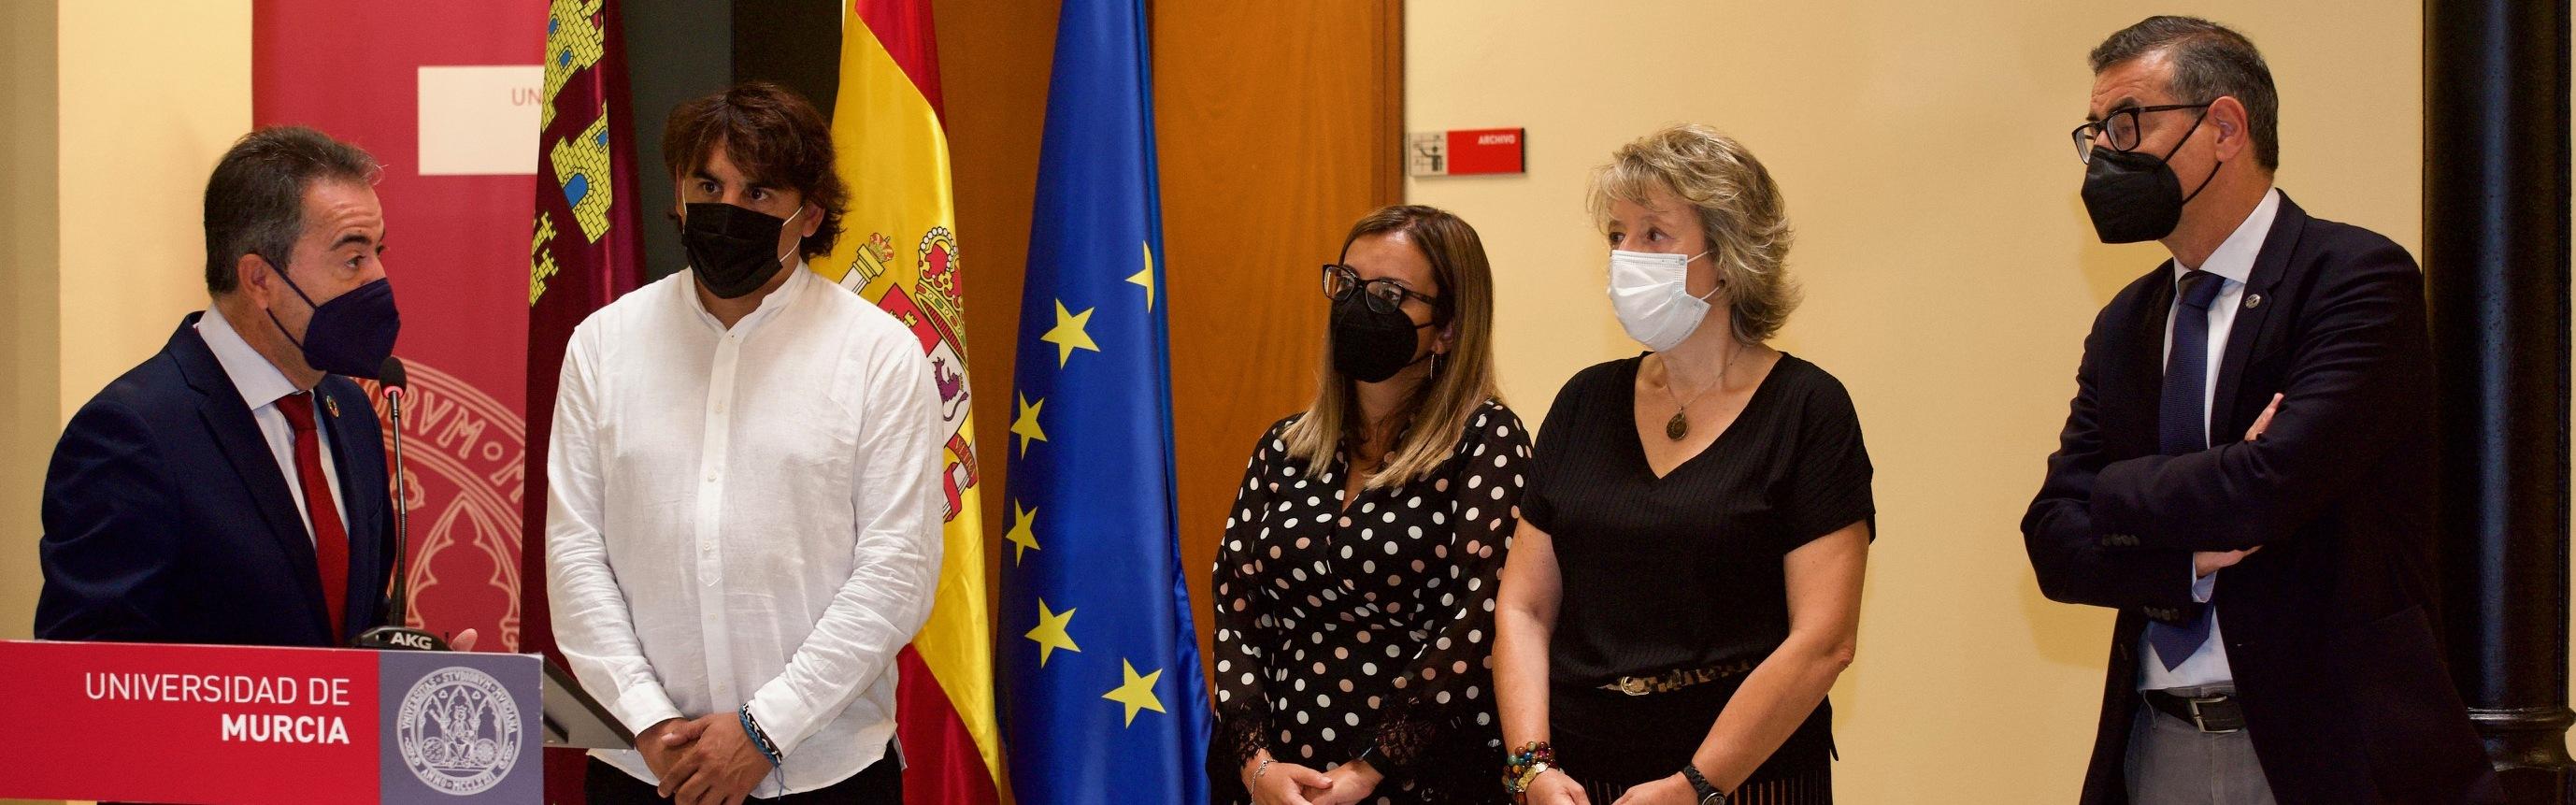 La Universidad de Murcia pone en marcha la Sede Permanente de Extensión Universitaria de Lorquí